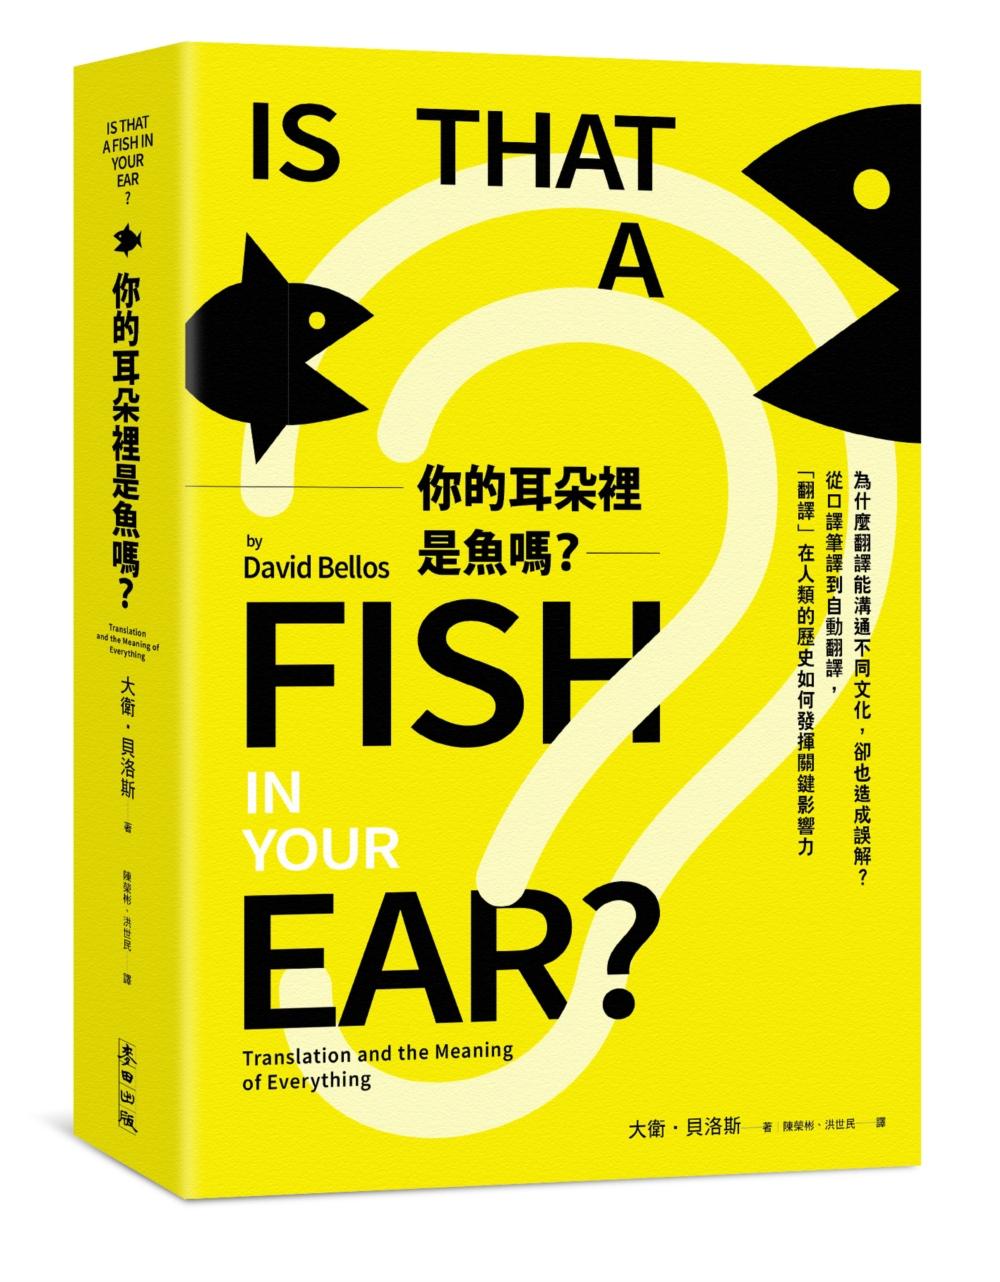 你的耳朵裡是魚嗎?為什麼翻譯能溝通不同文化,卻也造成誤解?從口譯筆譯到自動翻譯,「翻譯」在人類的歷史如何發揮關鍵影響力